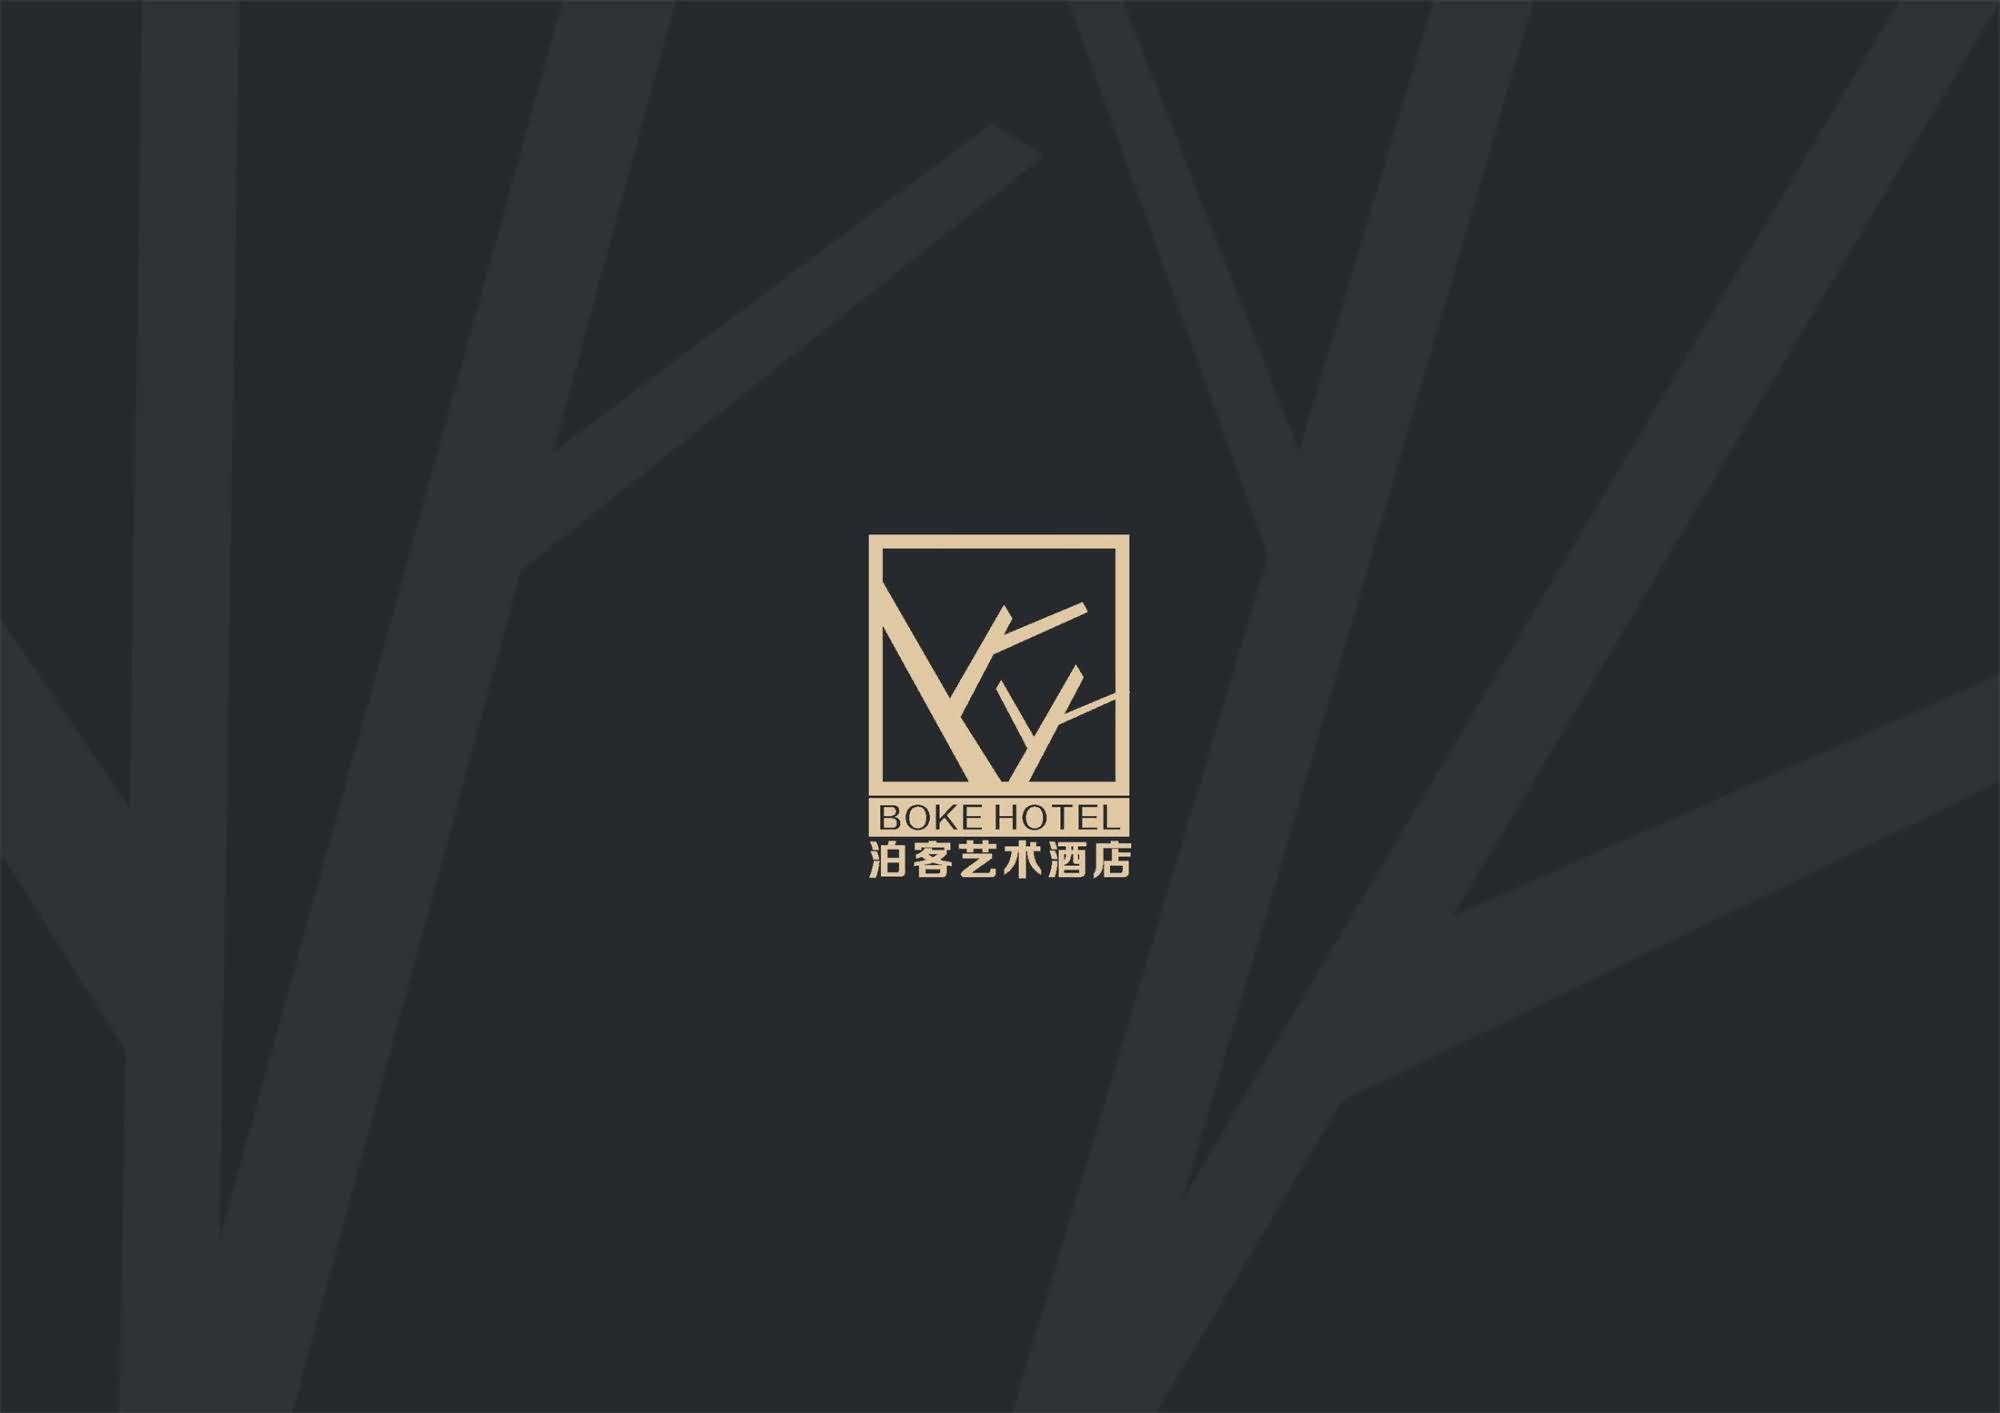 泊客藝術酒店(娜家)1